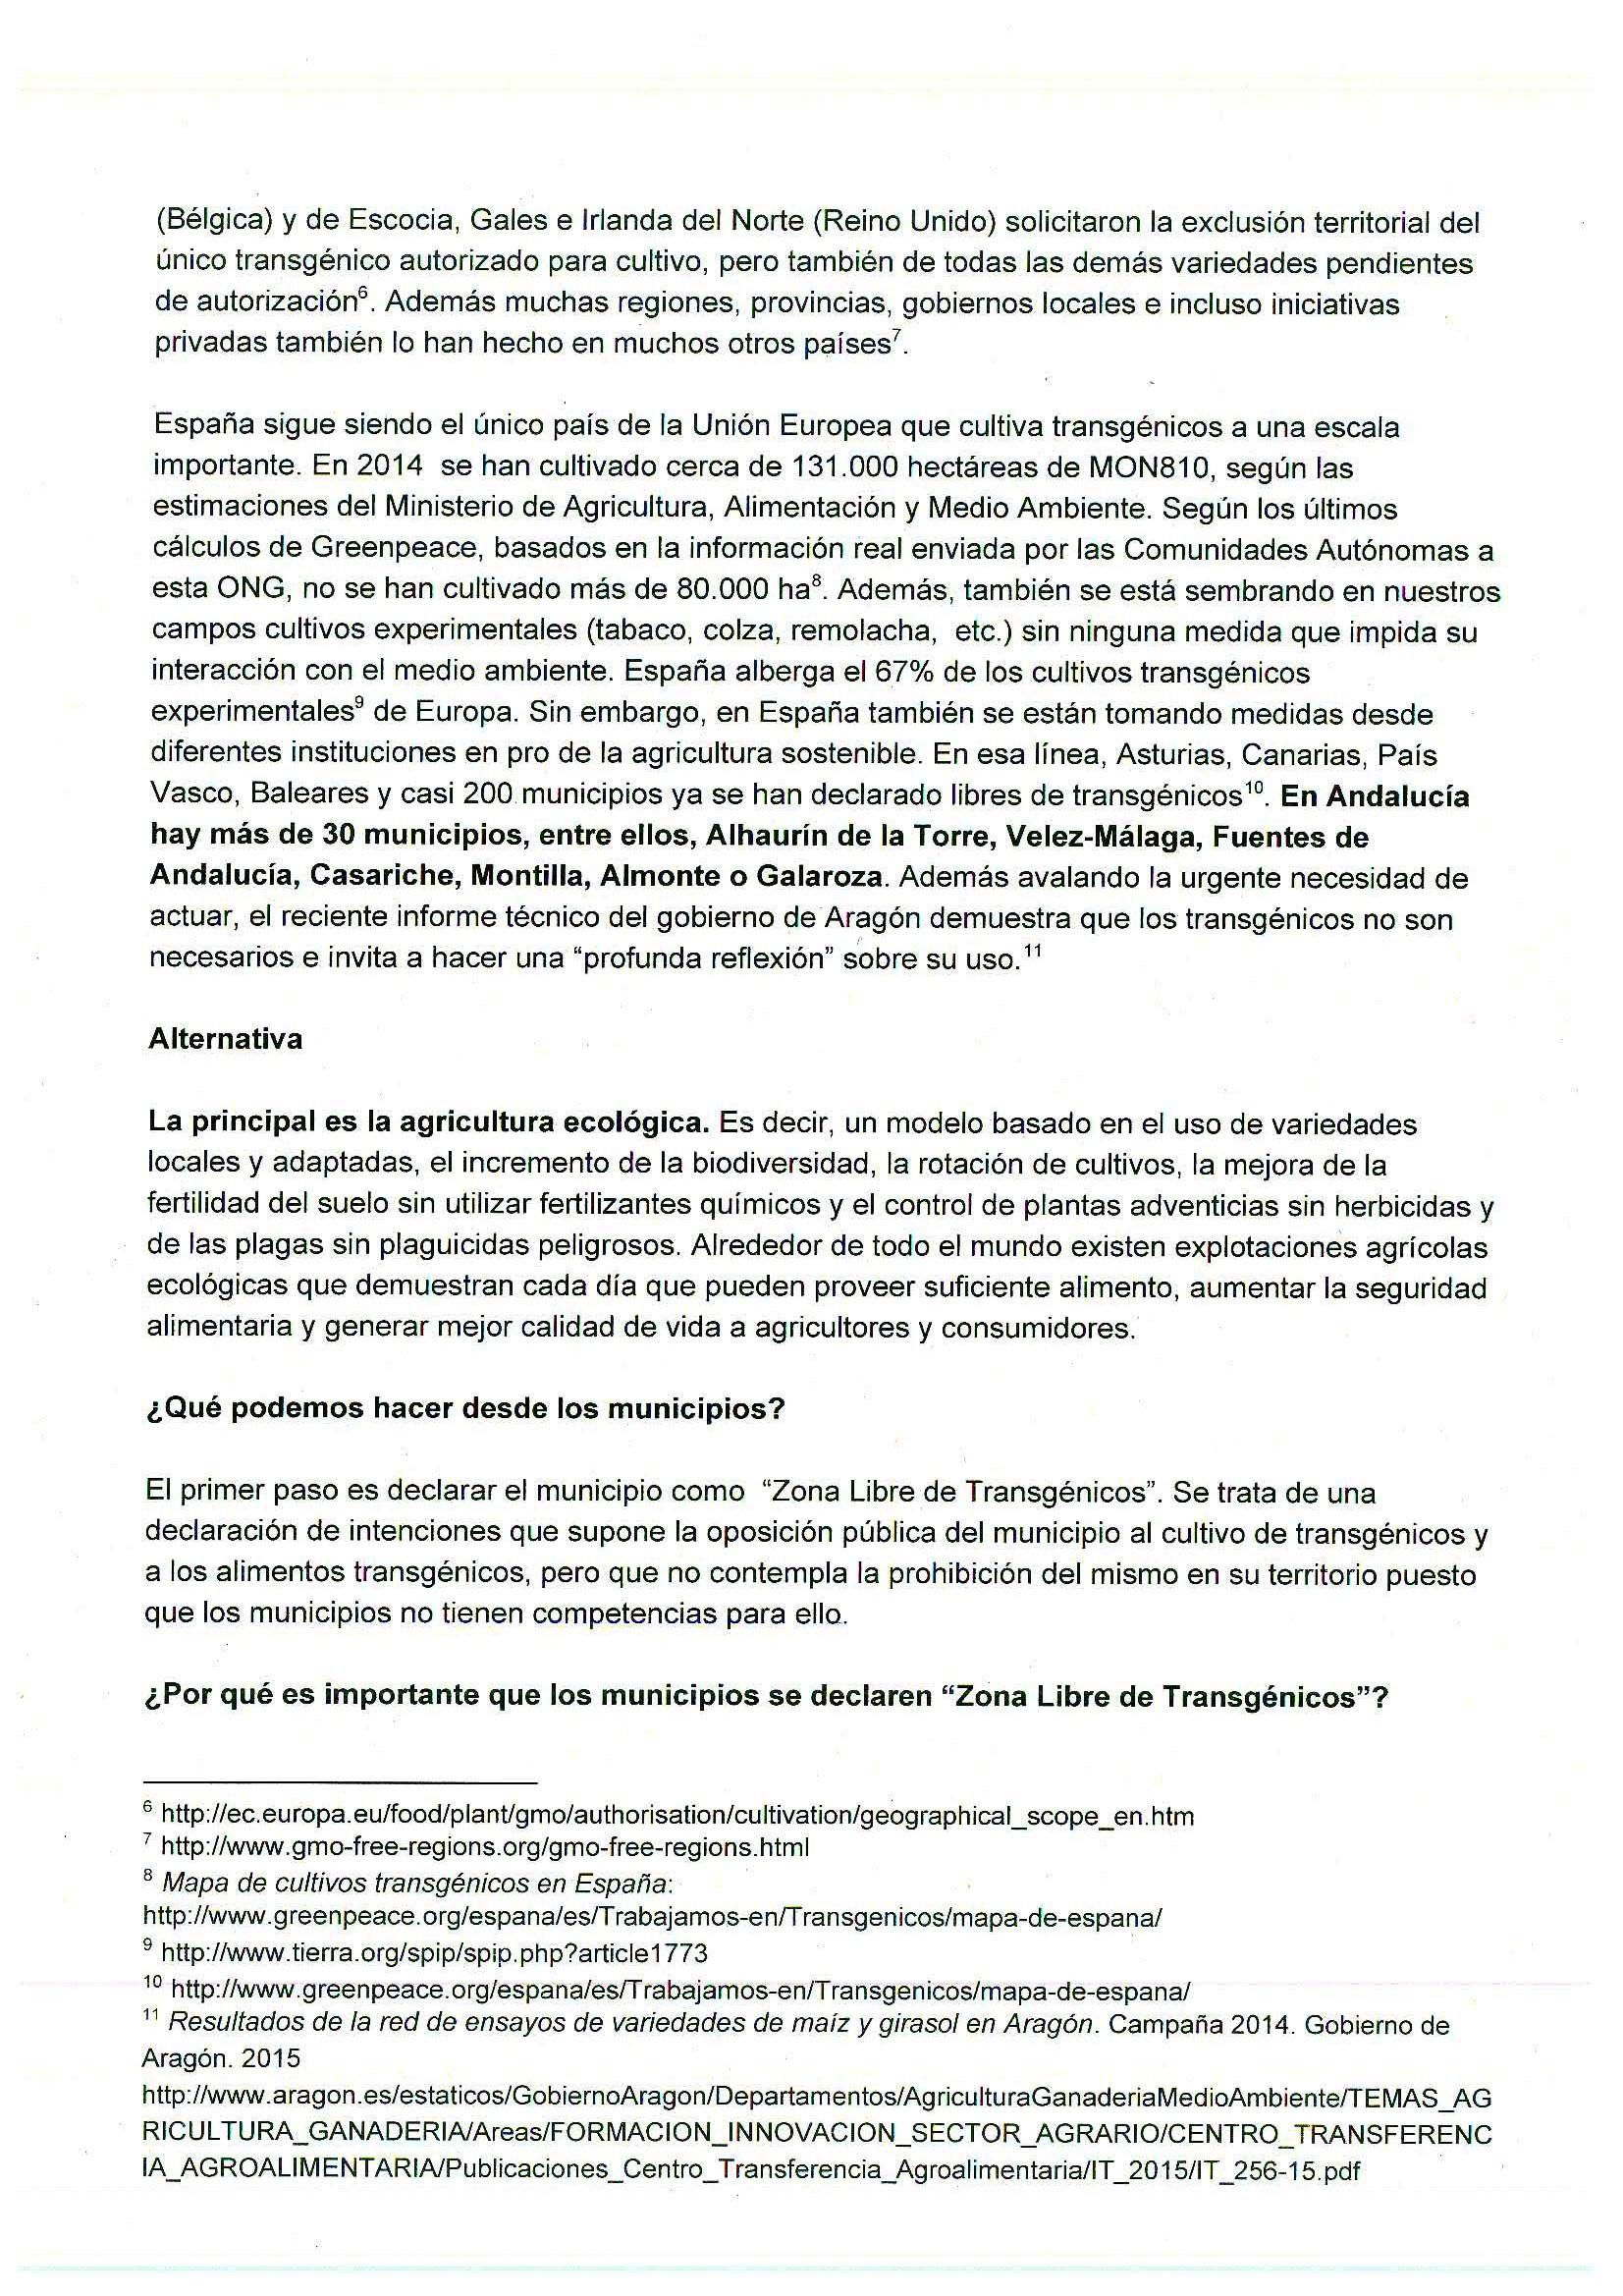 Aldeire.-Carta-ZLT%2c-glifosato-y-compra-publica-ecologica-0003